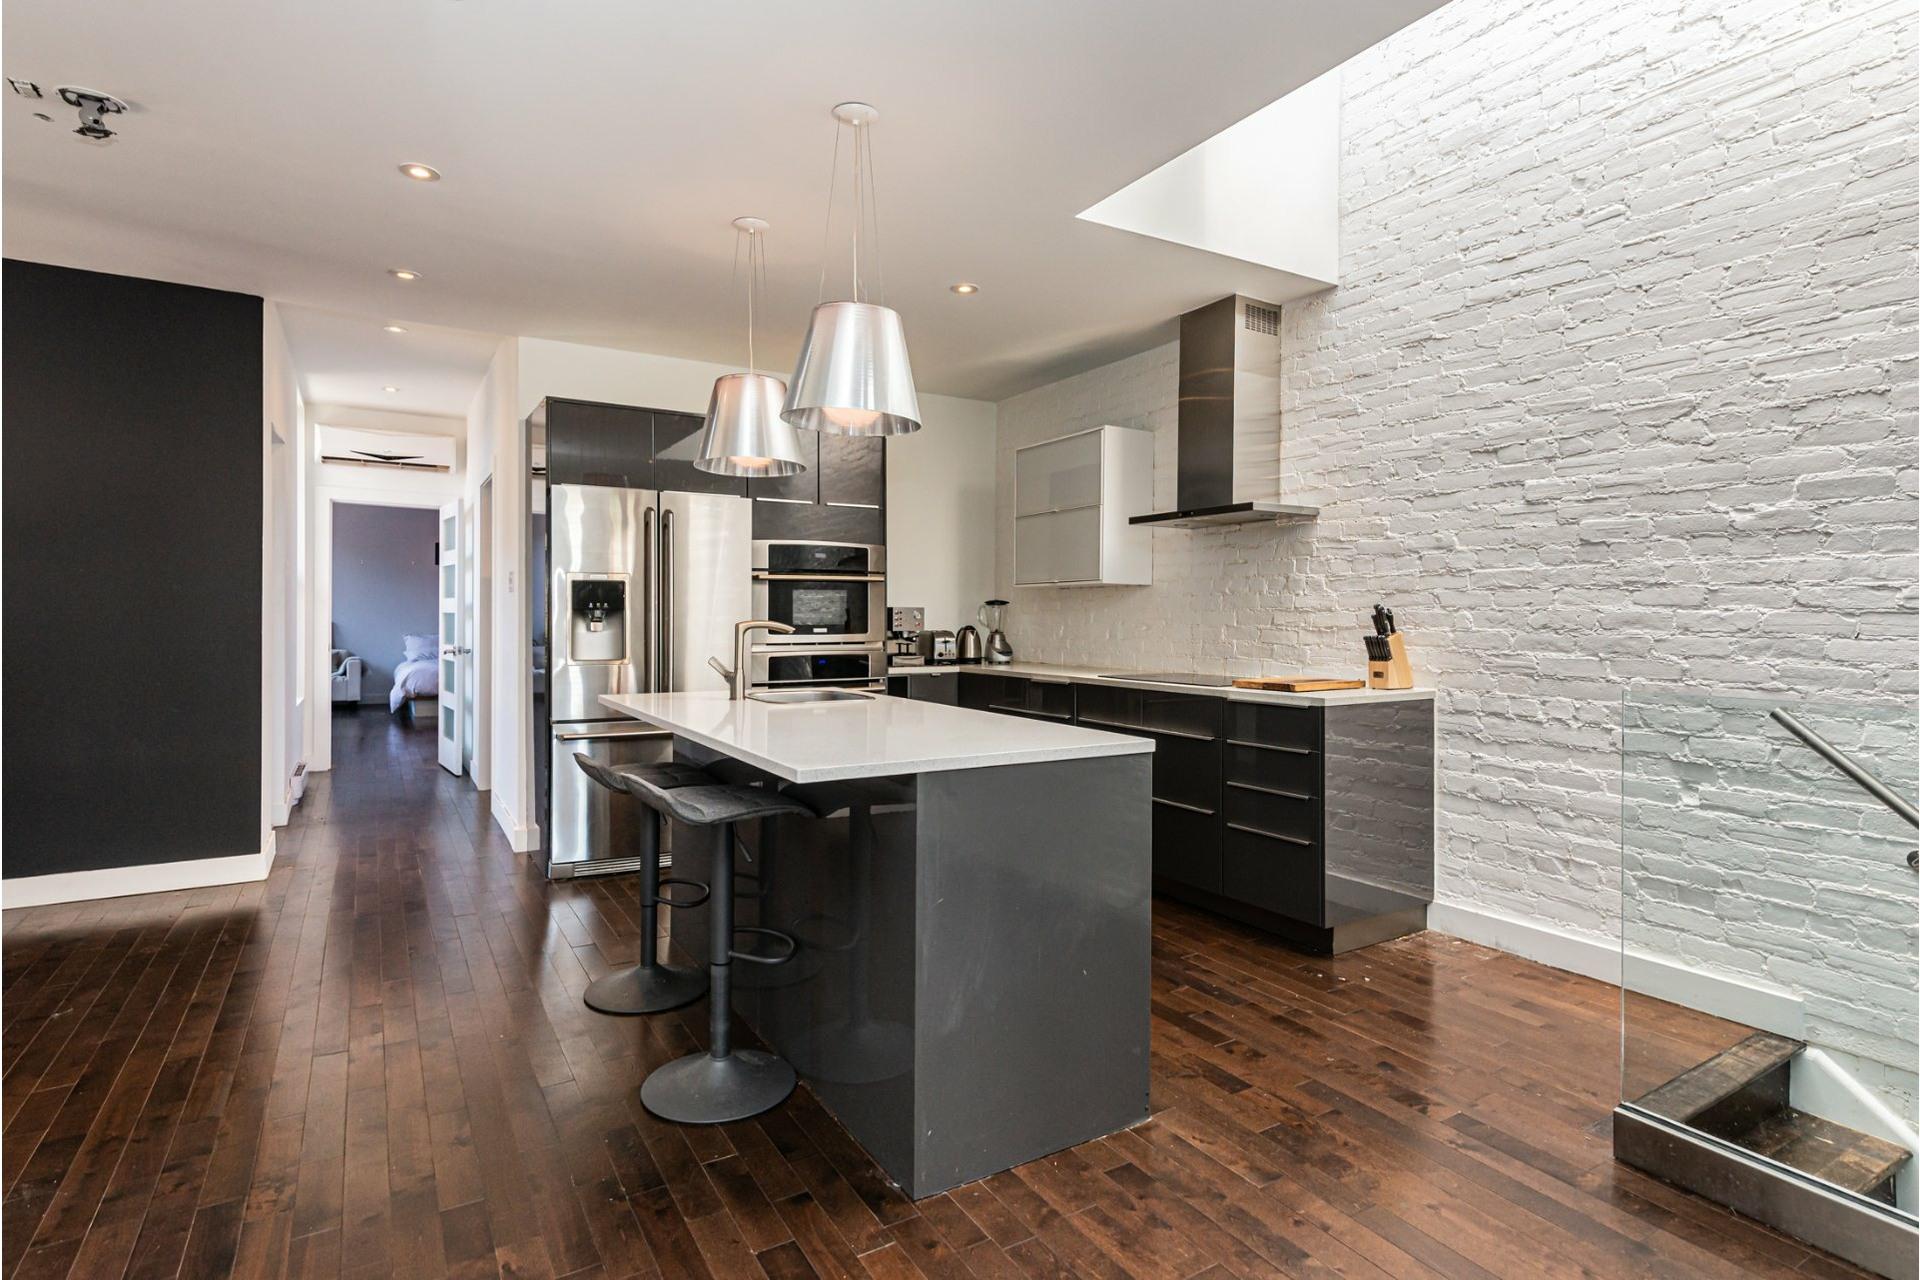 image 8 - Appartement À louer Le Plateau-Mont-Royal Montréal  - 7 pièces